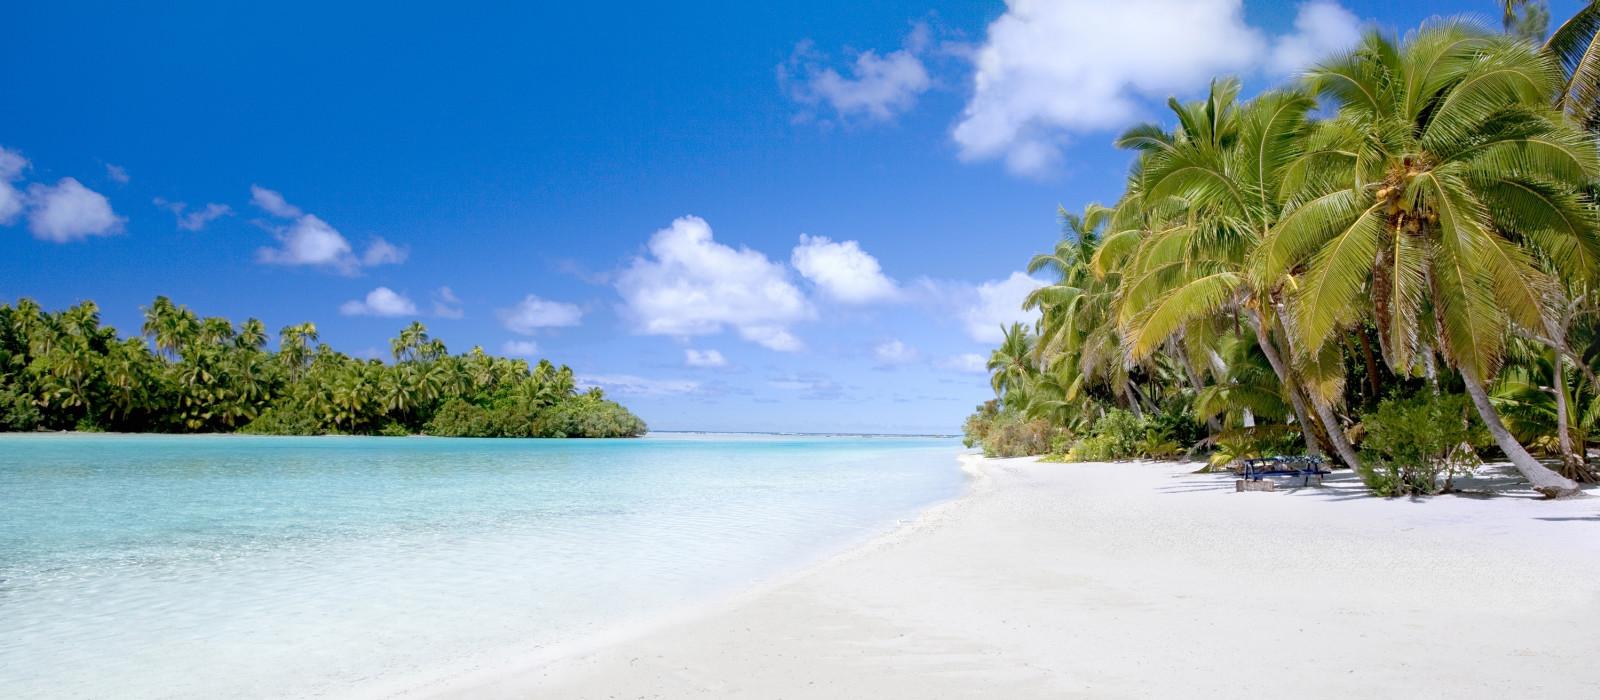 Destination Aitutaki Cook Islands